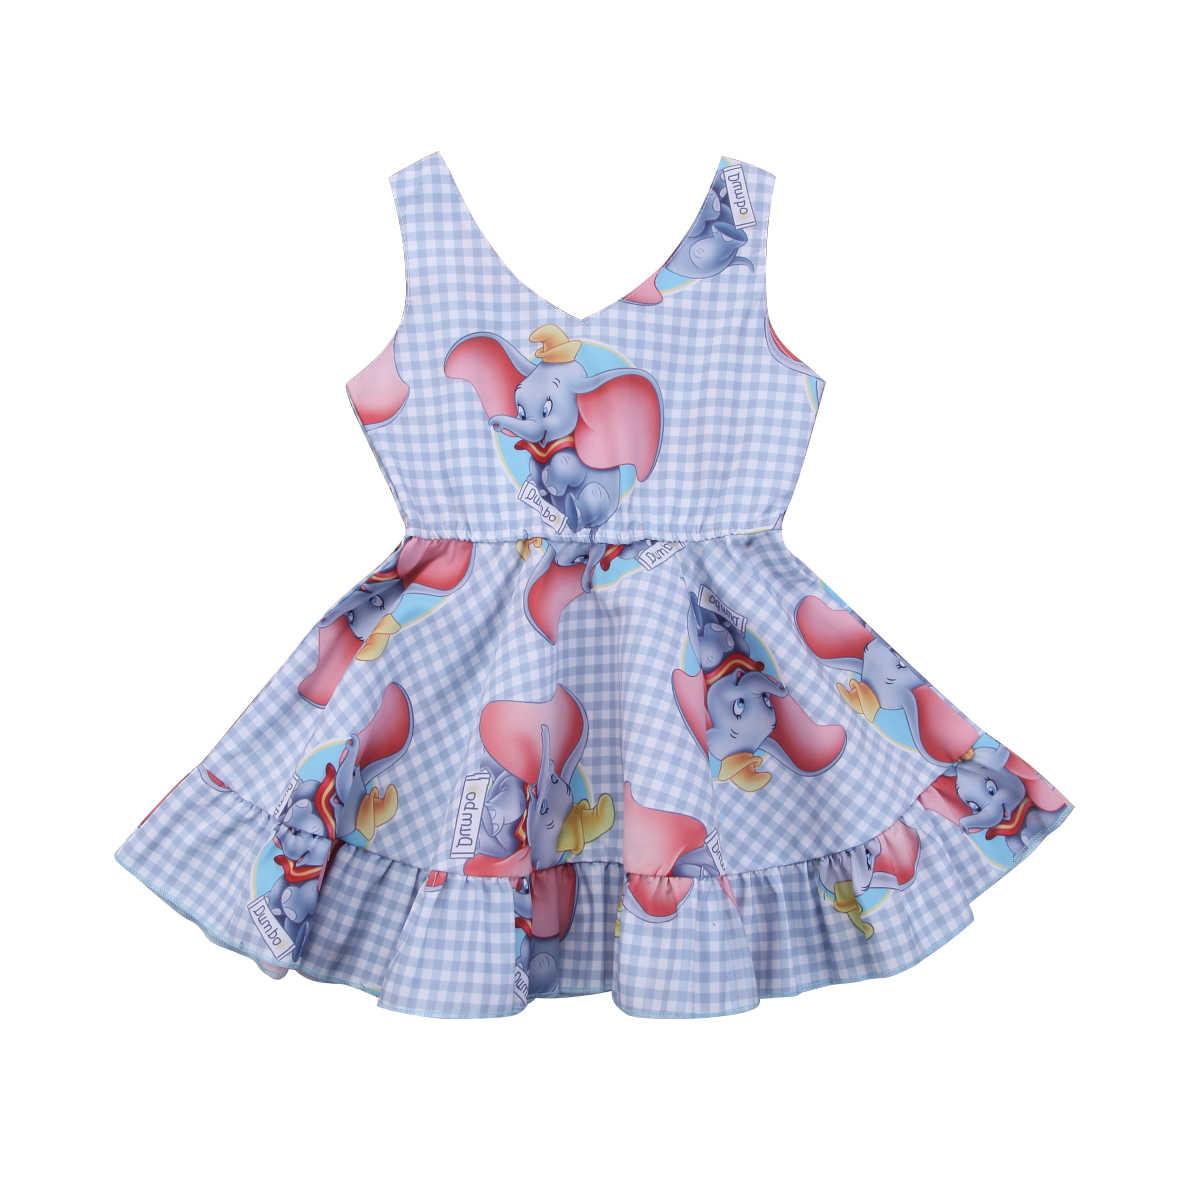 864192d2963ce Enfants Bébé Filles Vêtements Robes Princesse Animal Dumbo Robe Sans Manches  enfant Fille de Volant Robe